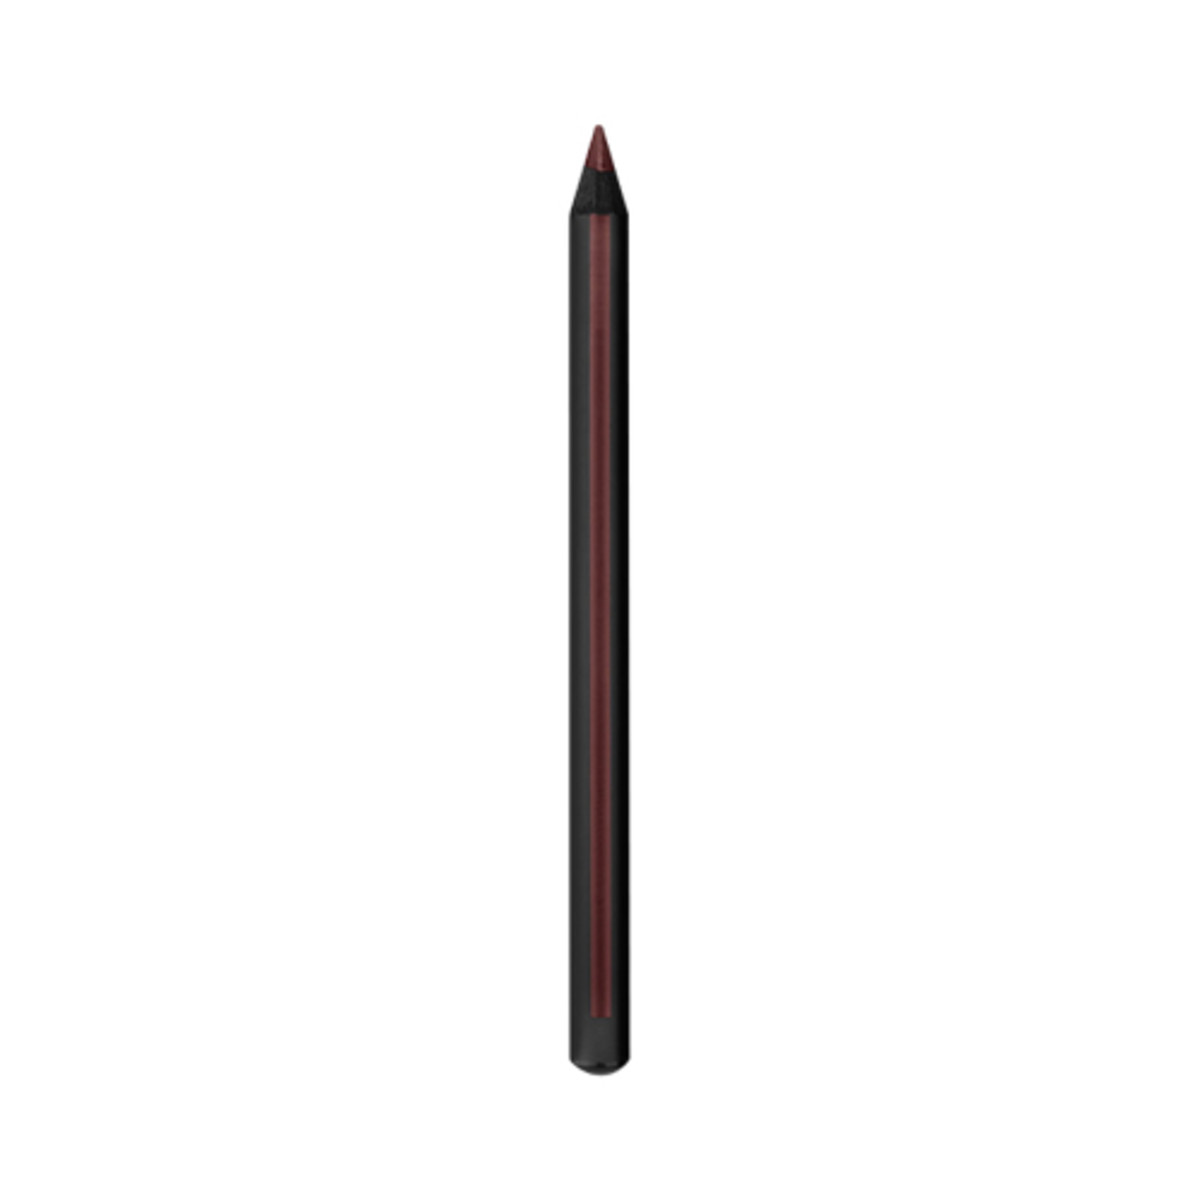 Giorgio Armani Smooth Silk Lip Pencil in #7